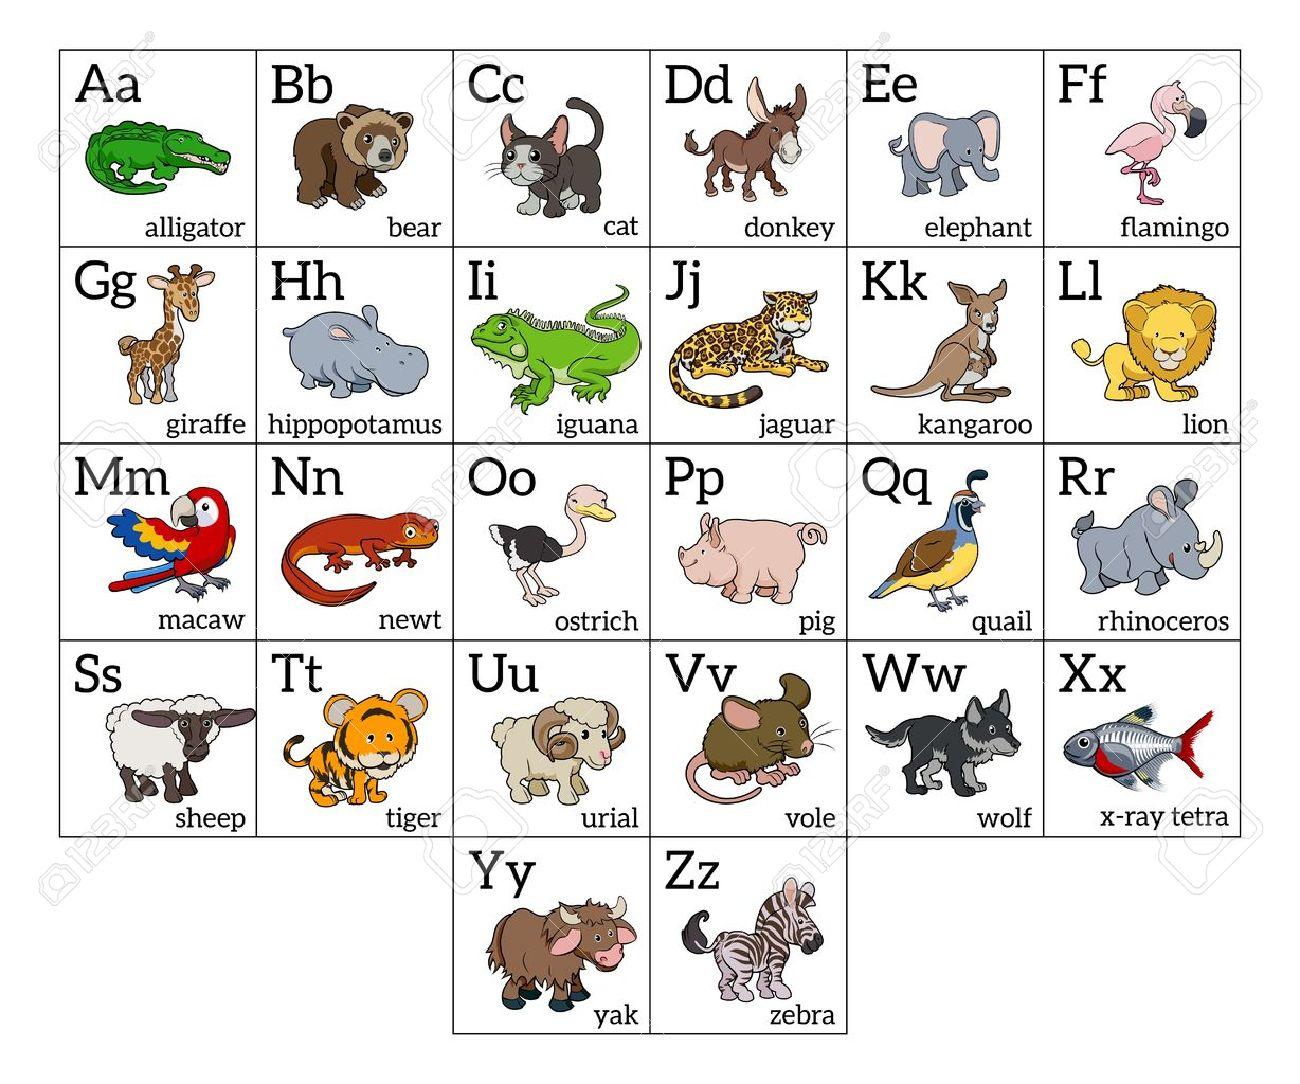 Cartoon Alphabet Animal Apprendre Graphique Avec Une Illustration Des  Animaux De Dessin Animé Pour Chaque Lettre Et Les Majuscules Et Les  Minuscules à Apprendre Alphabet Francais